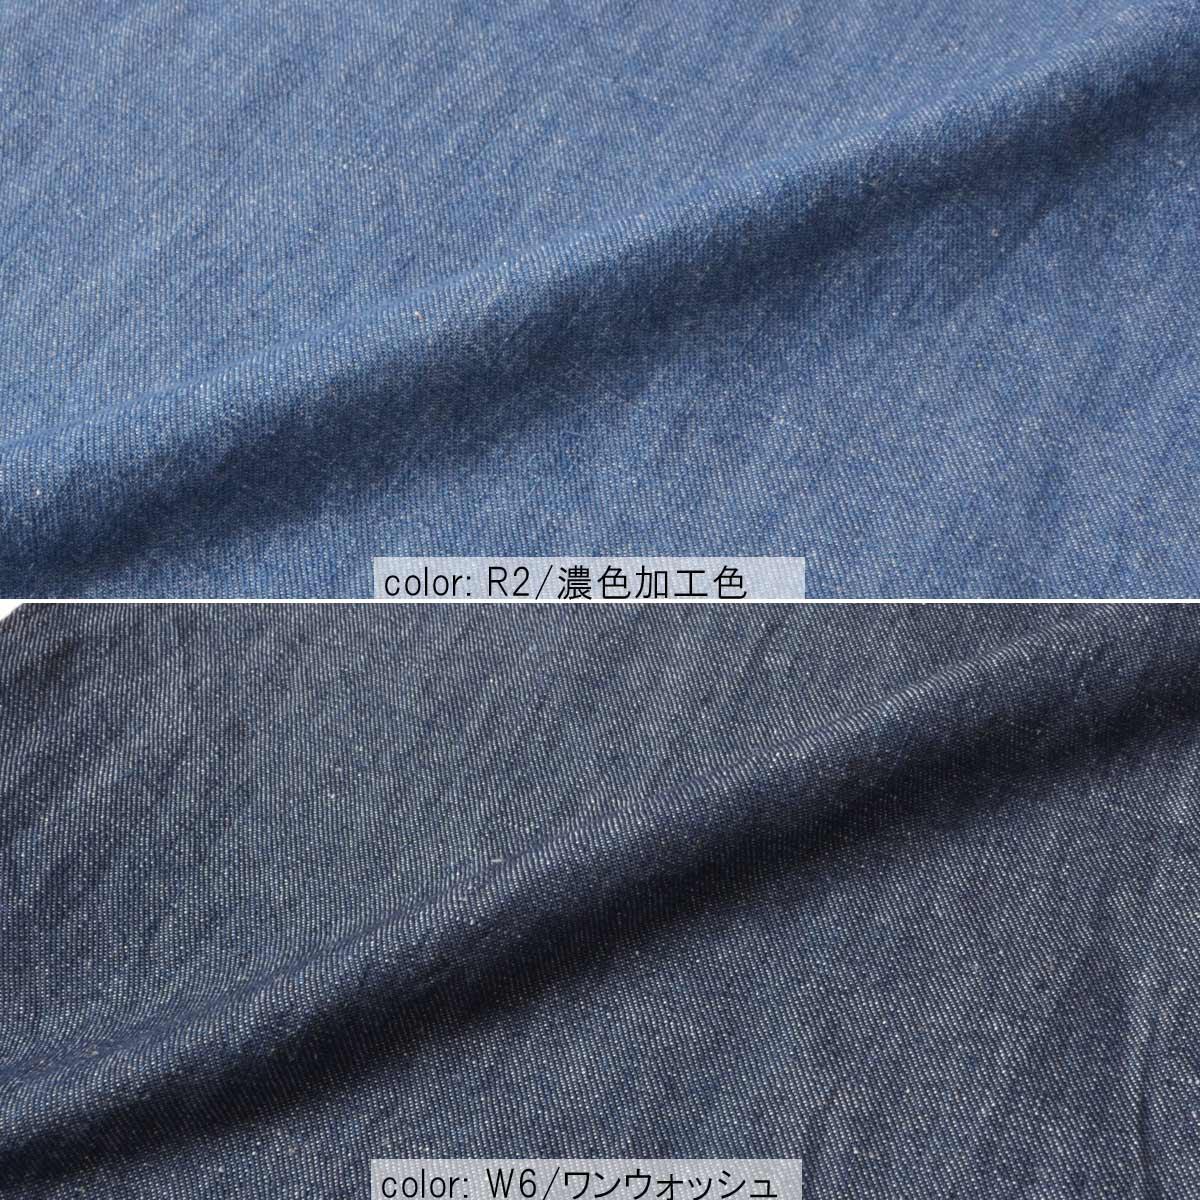 【SALE】くつろぎコクーン CF0389